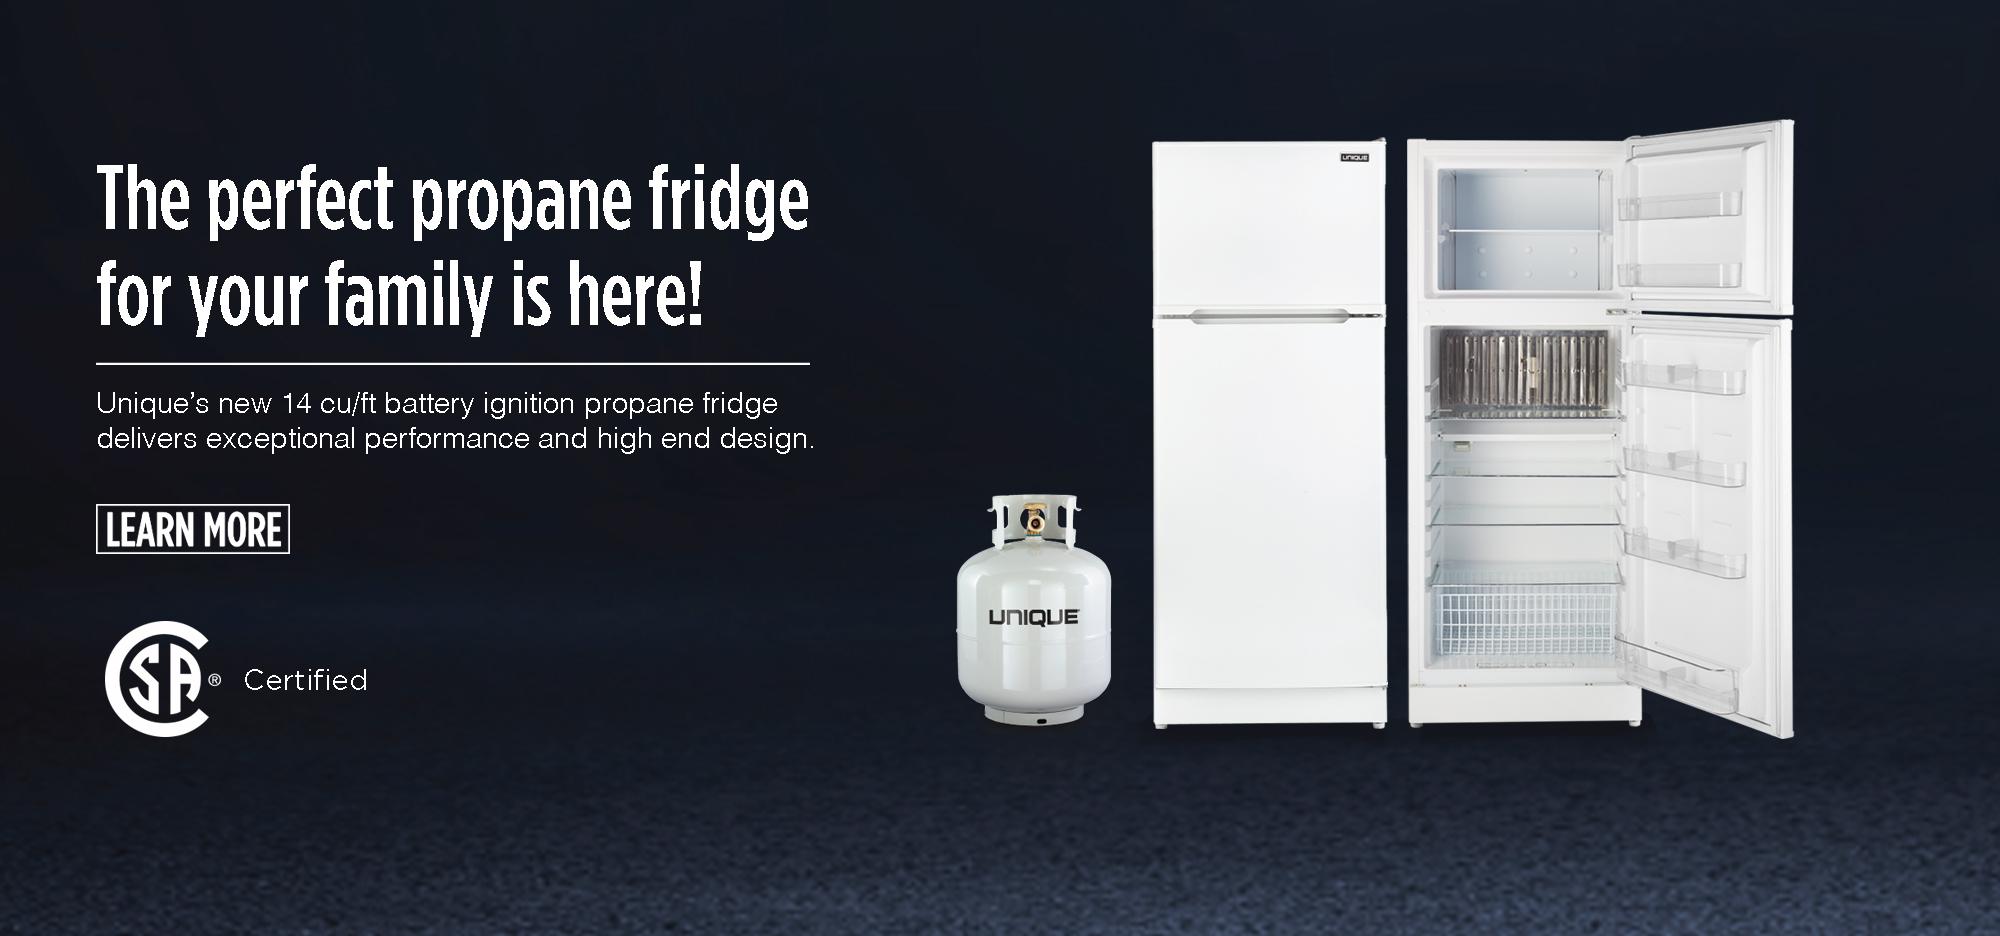 Propane off-grid fridge by Unique Appliances